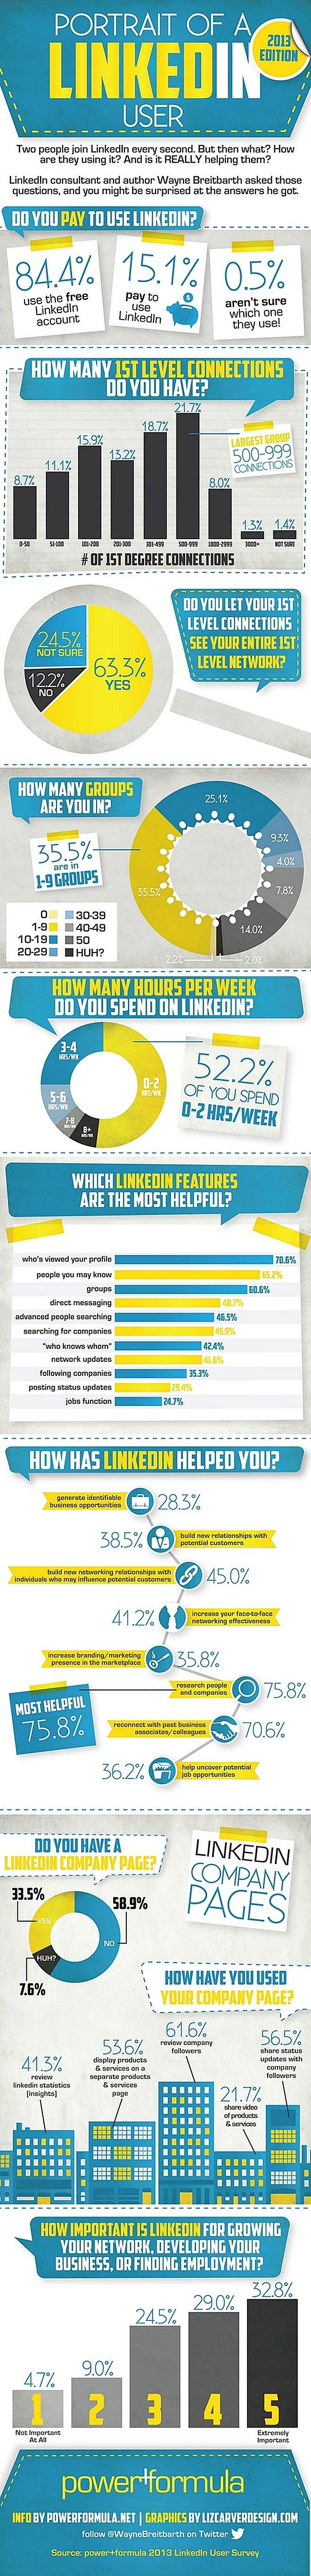 استخدامات شبكة التواصل الاجتماعي للمحترفين #لينكدان Linkedin #انفوجرافيك